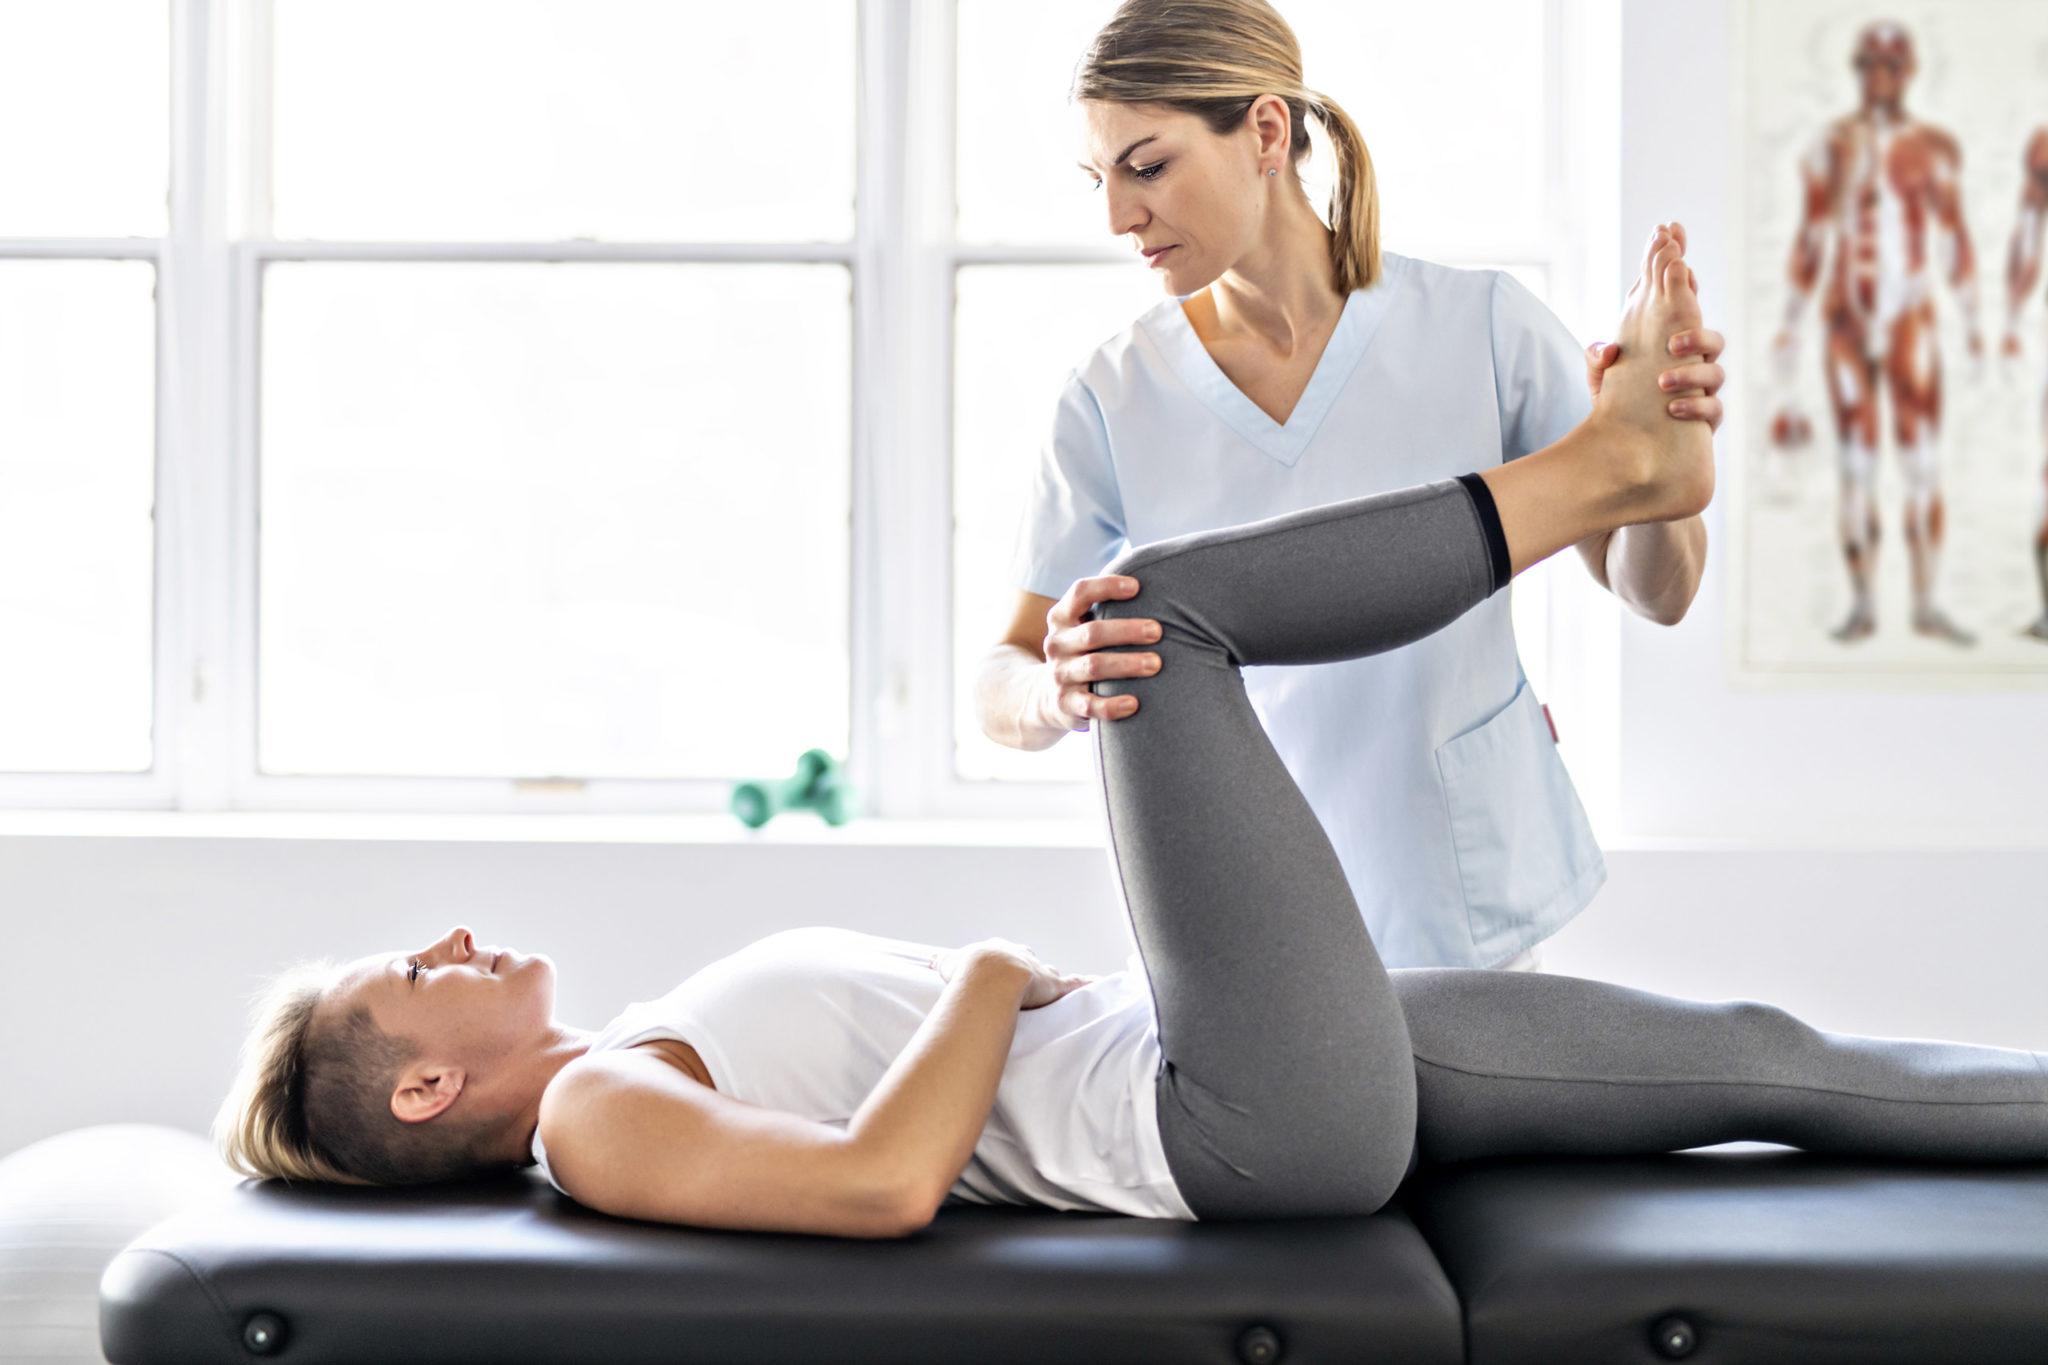 Terapeutka wykonuje ćwiczenie razem z pacjentką